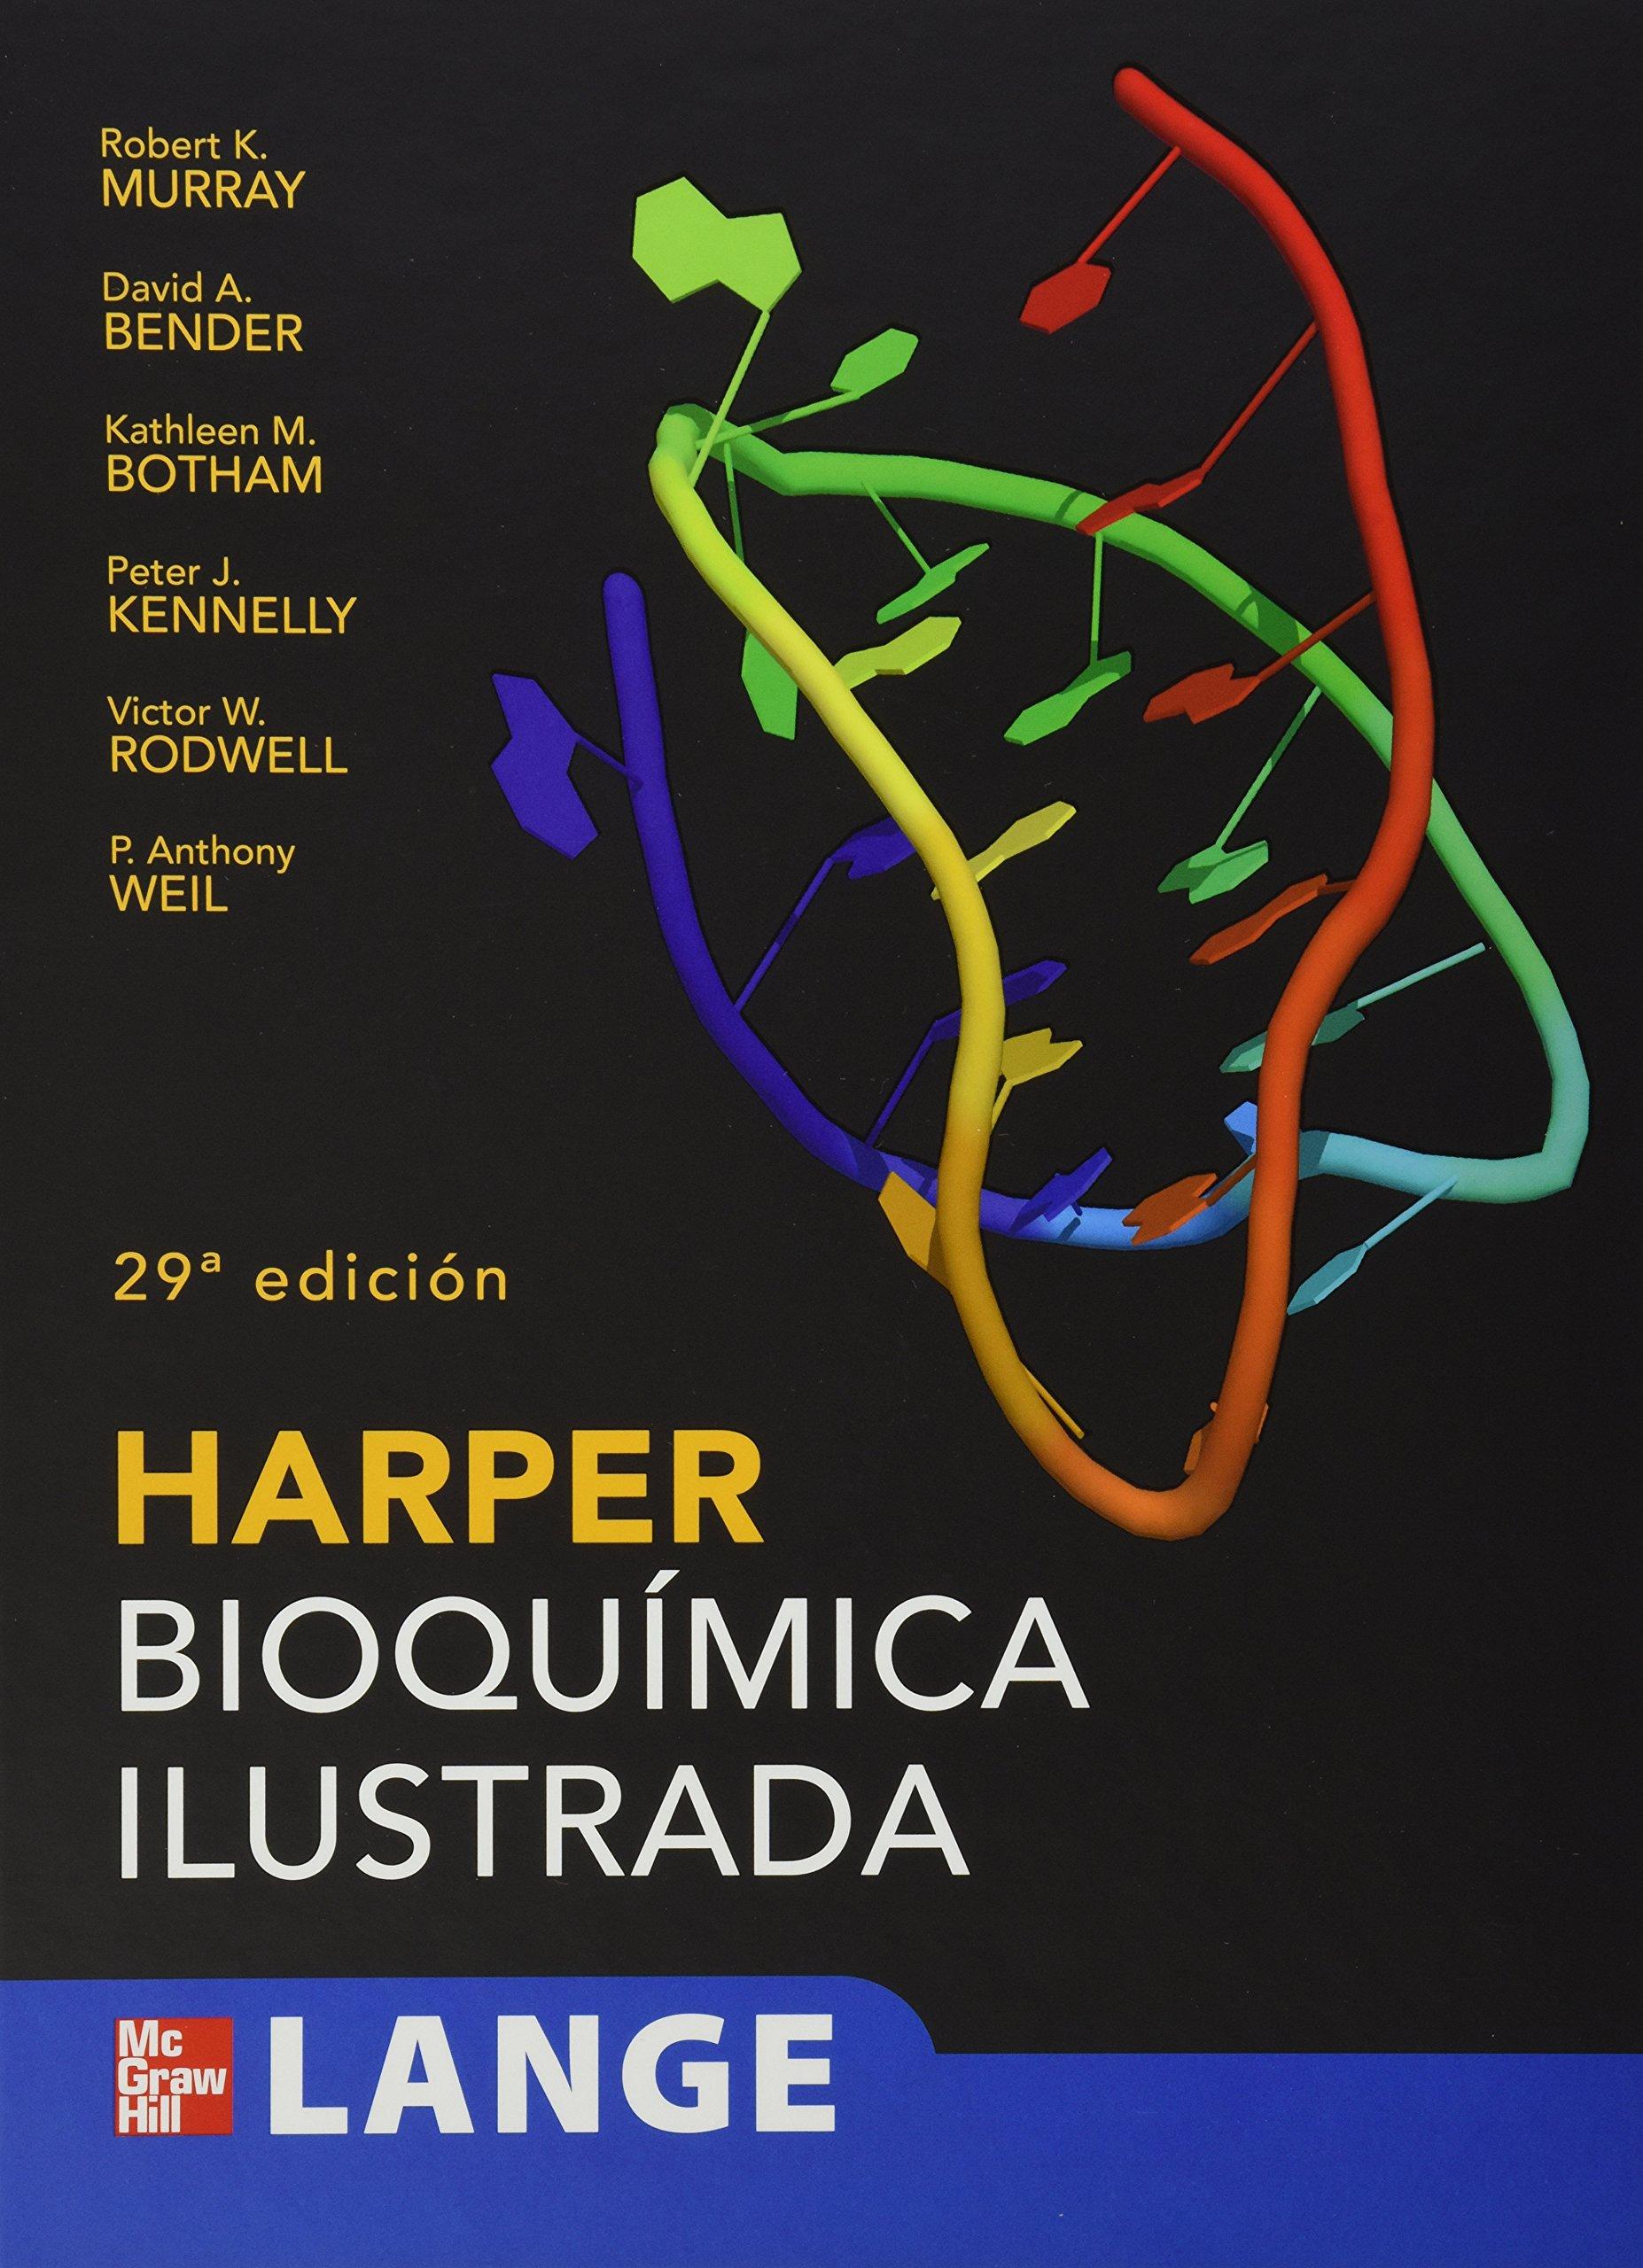 HARPER BIOQUIMICA ILUSTRADA: Amazon.es: Murray, Robert ...